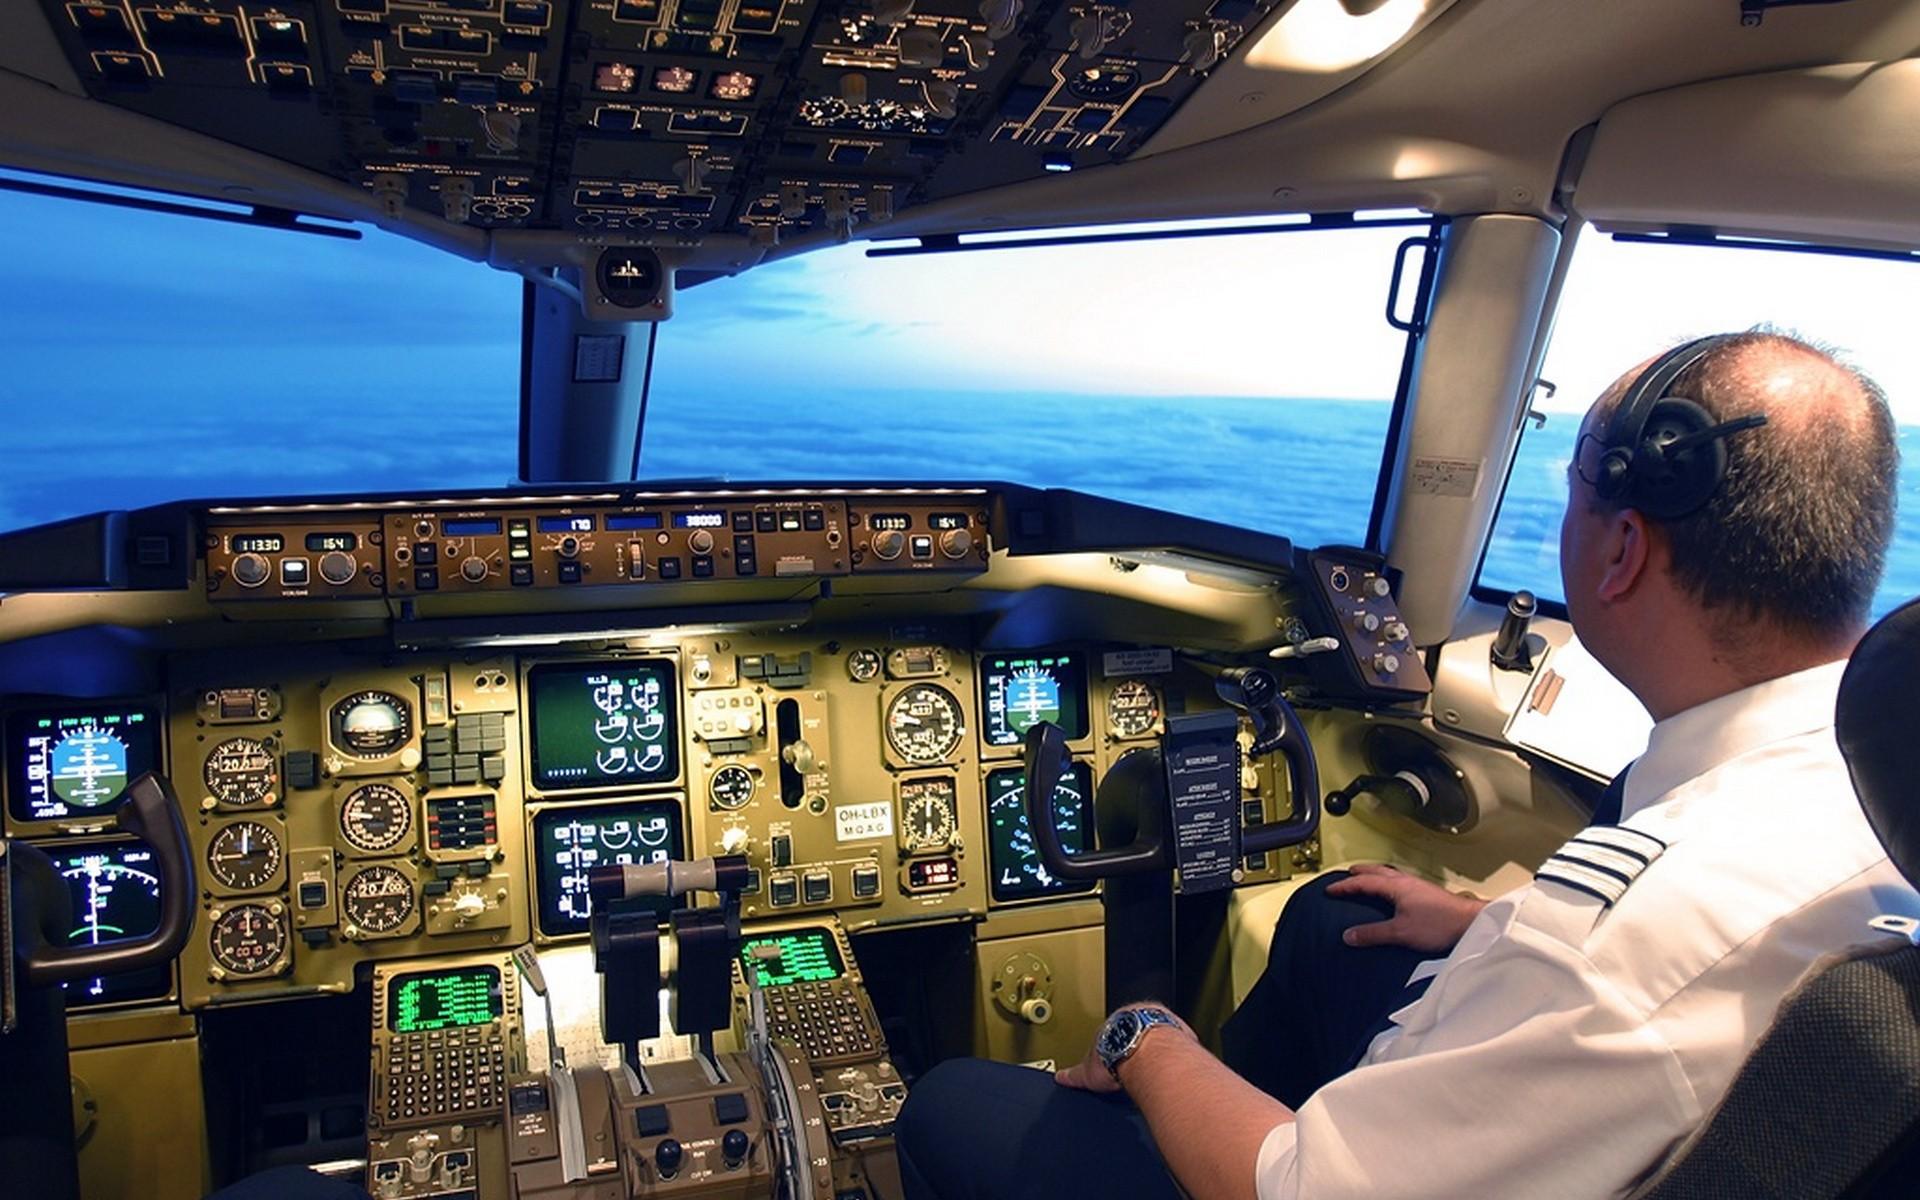 картинка кабина самолета без пилота долбаеб недаебаный